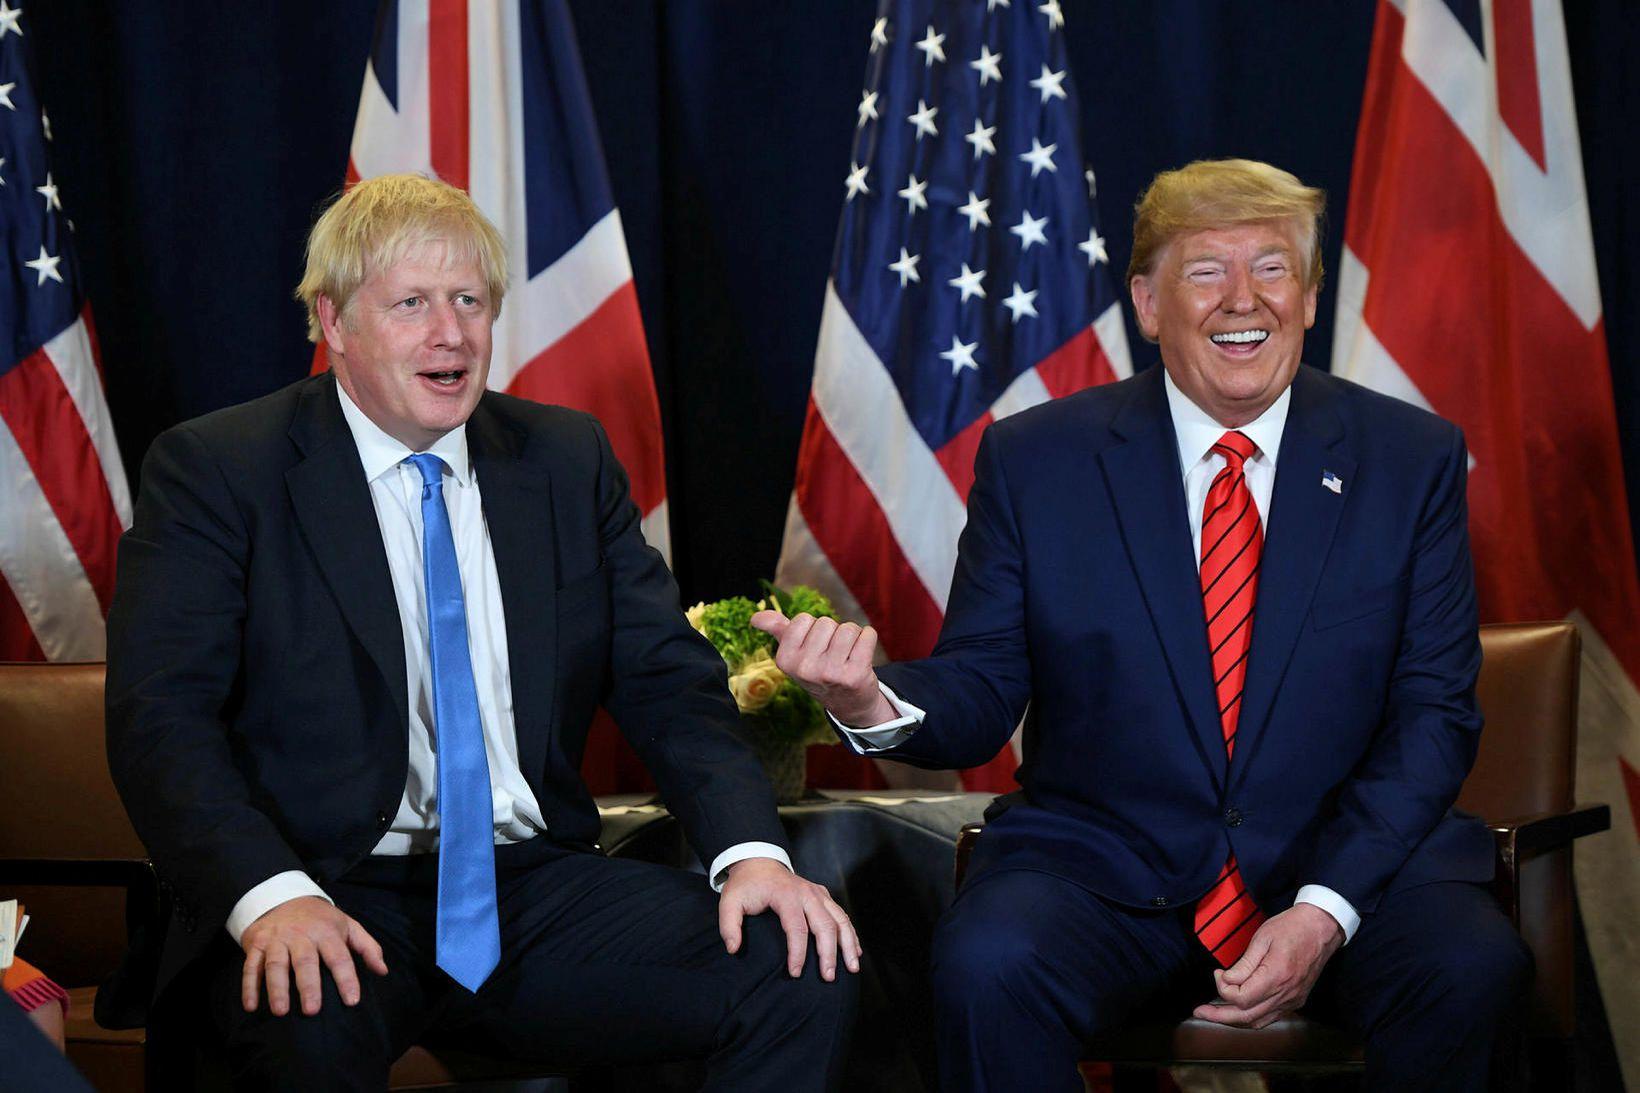 Þeim Boris Johnson forsætisráðherra Bretlands og Donald Trump Bandaríkaforseta er …